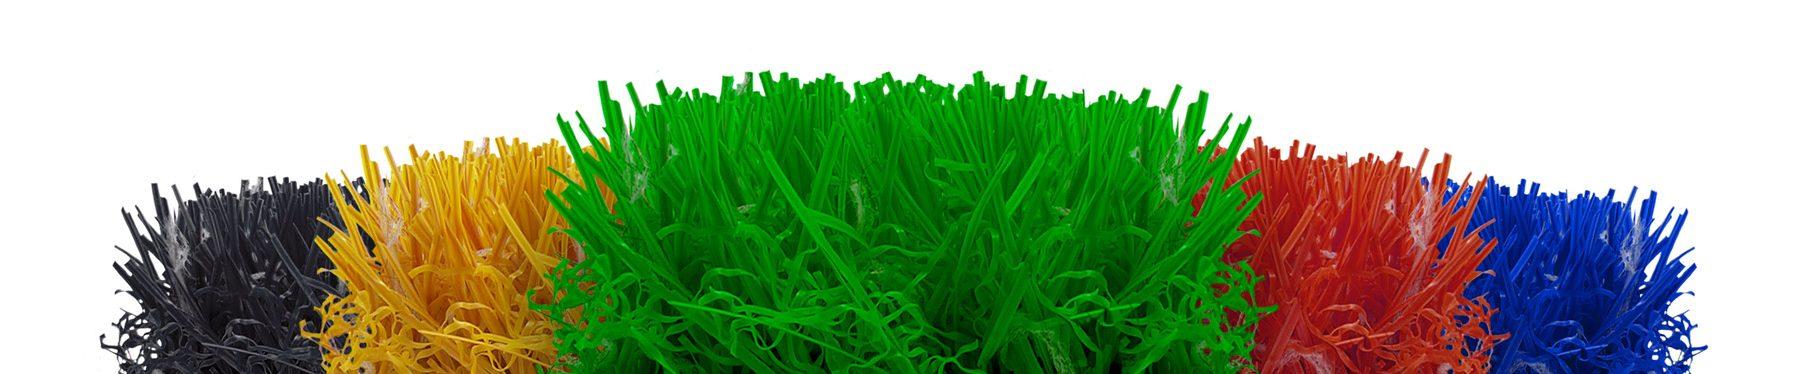 Comprar Césped Artificial de Colores VerdePadel